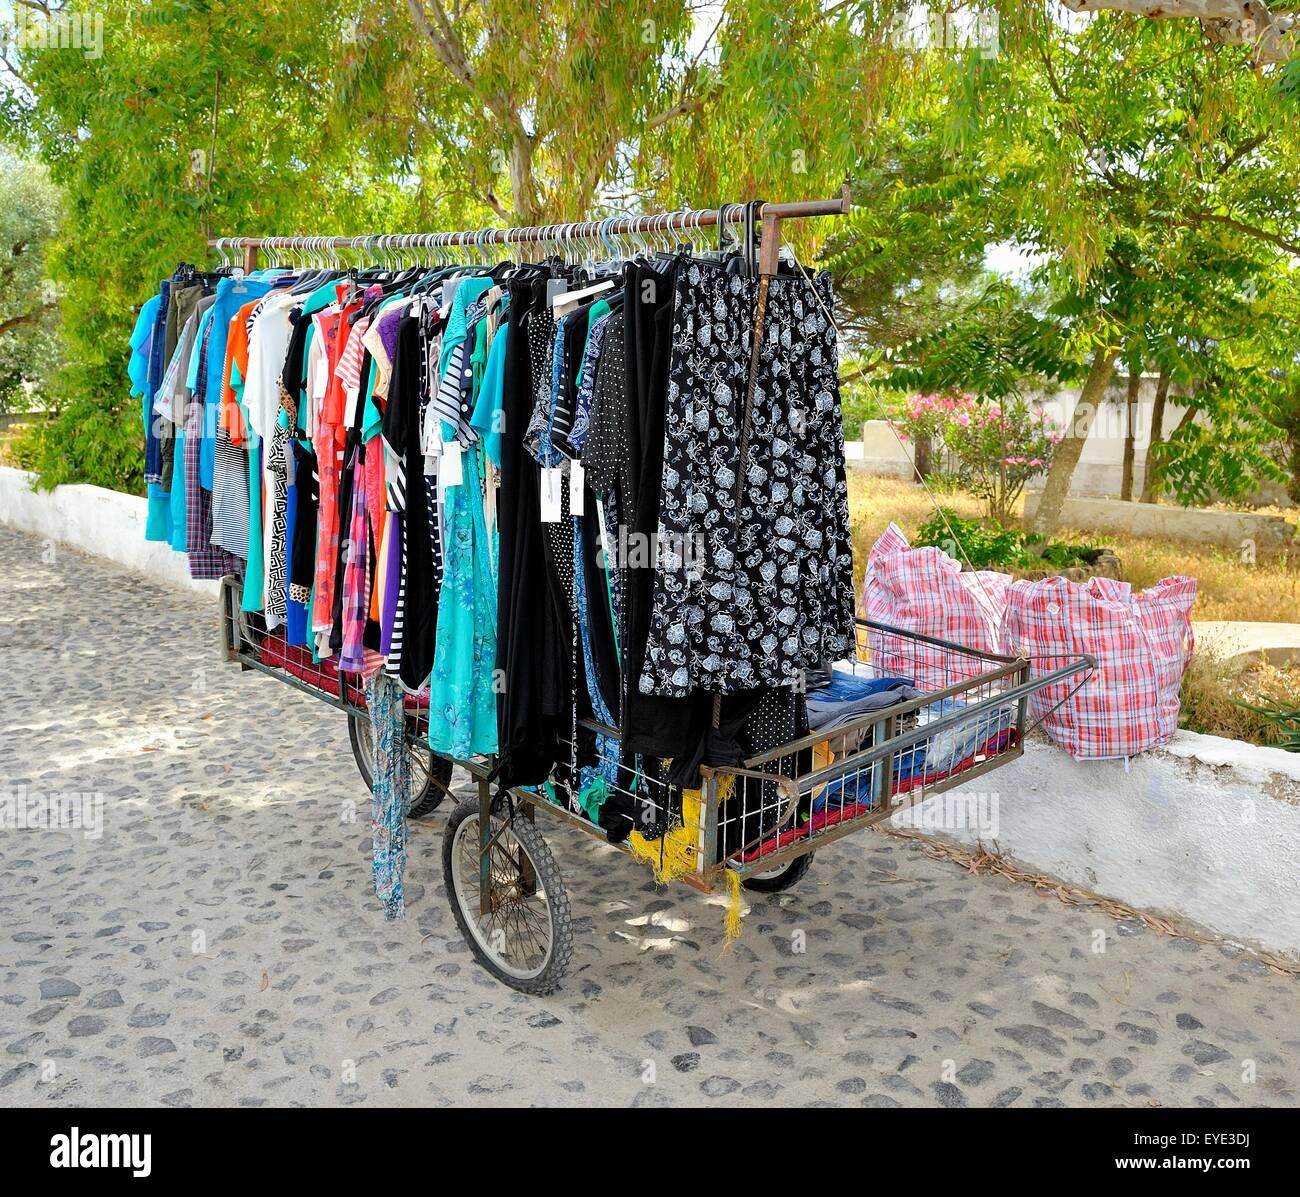 Una mujer local con un mercado móvil puesto de venta de ropa infantil. Santorini, Grecia Imagen De Stock